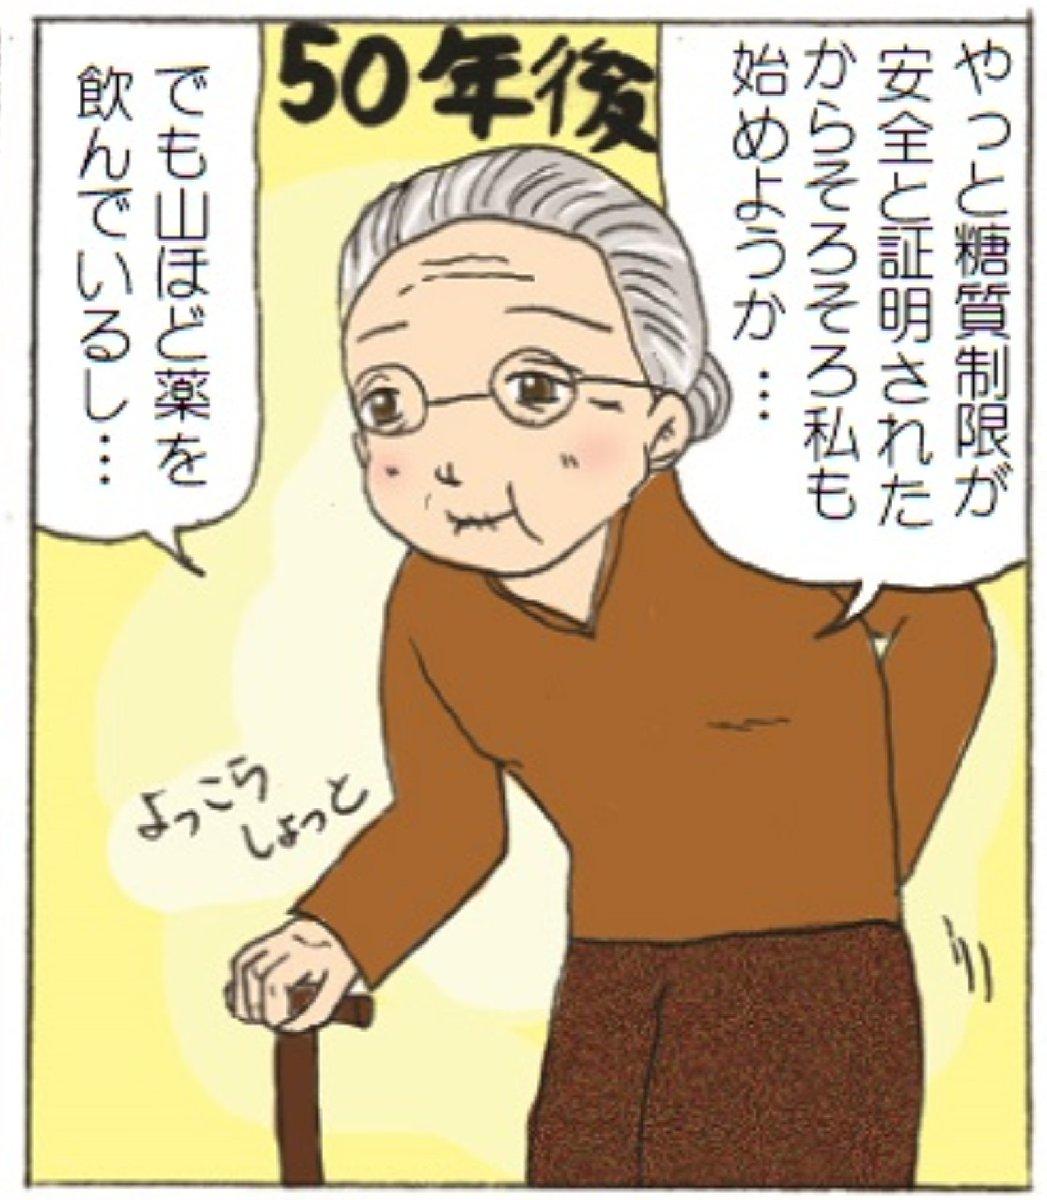 糖質制限のエビデンスを待っていた高齢女性